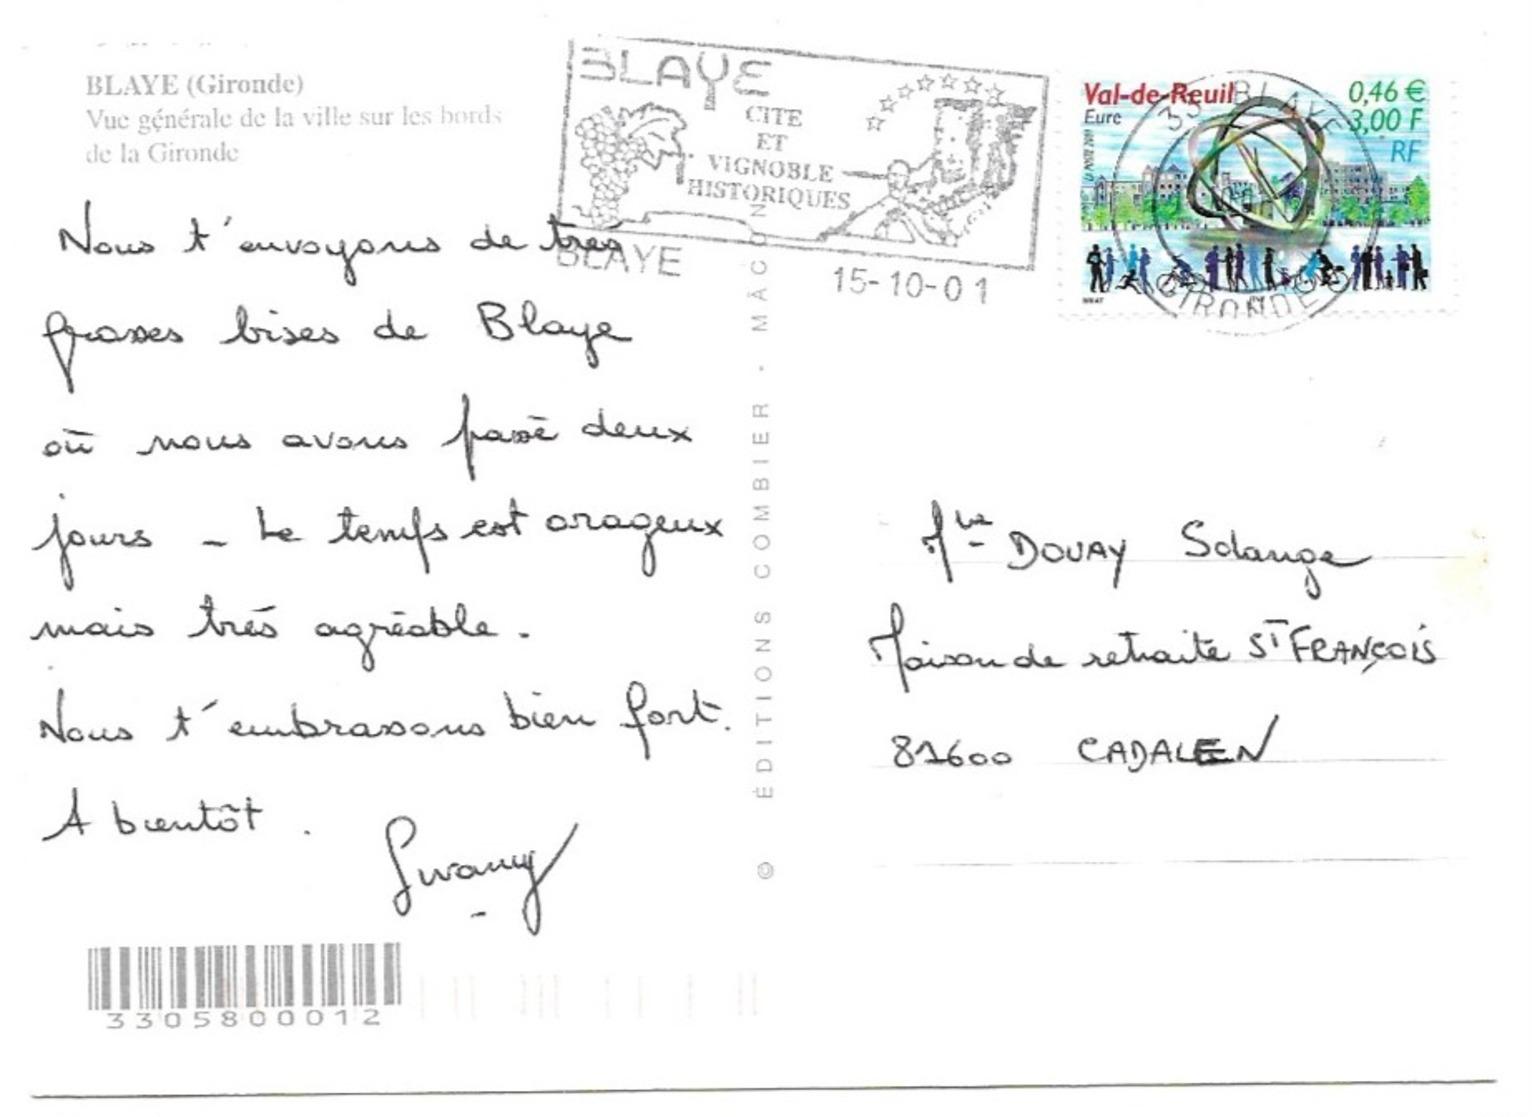 Blaye Vue Générale De La Ville Sur Les Bords De La Gironde - Blaye